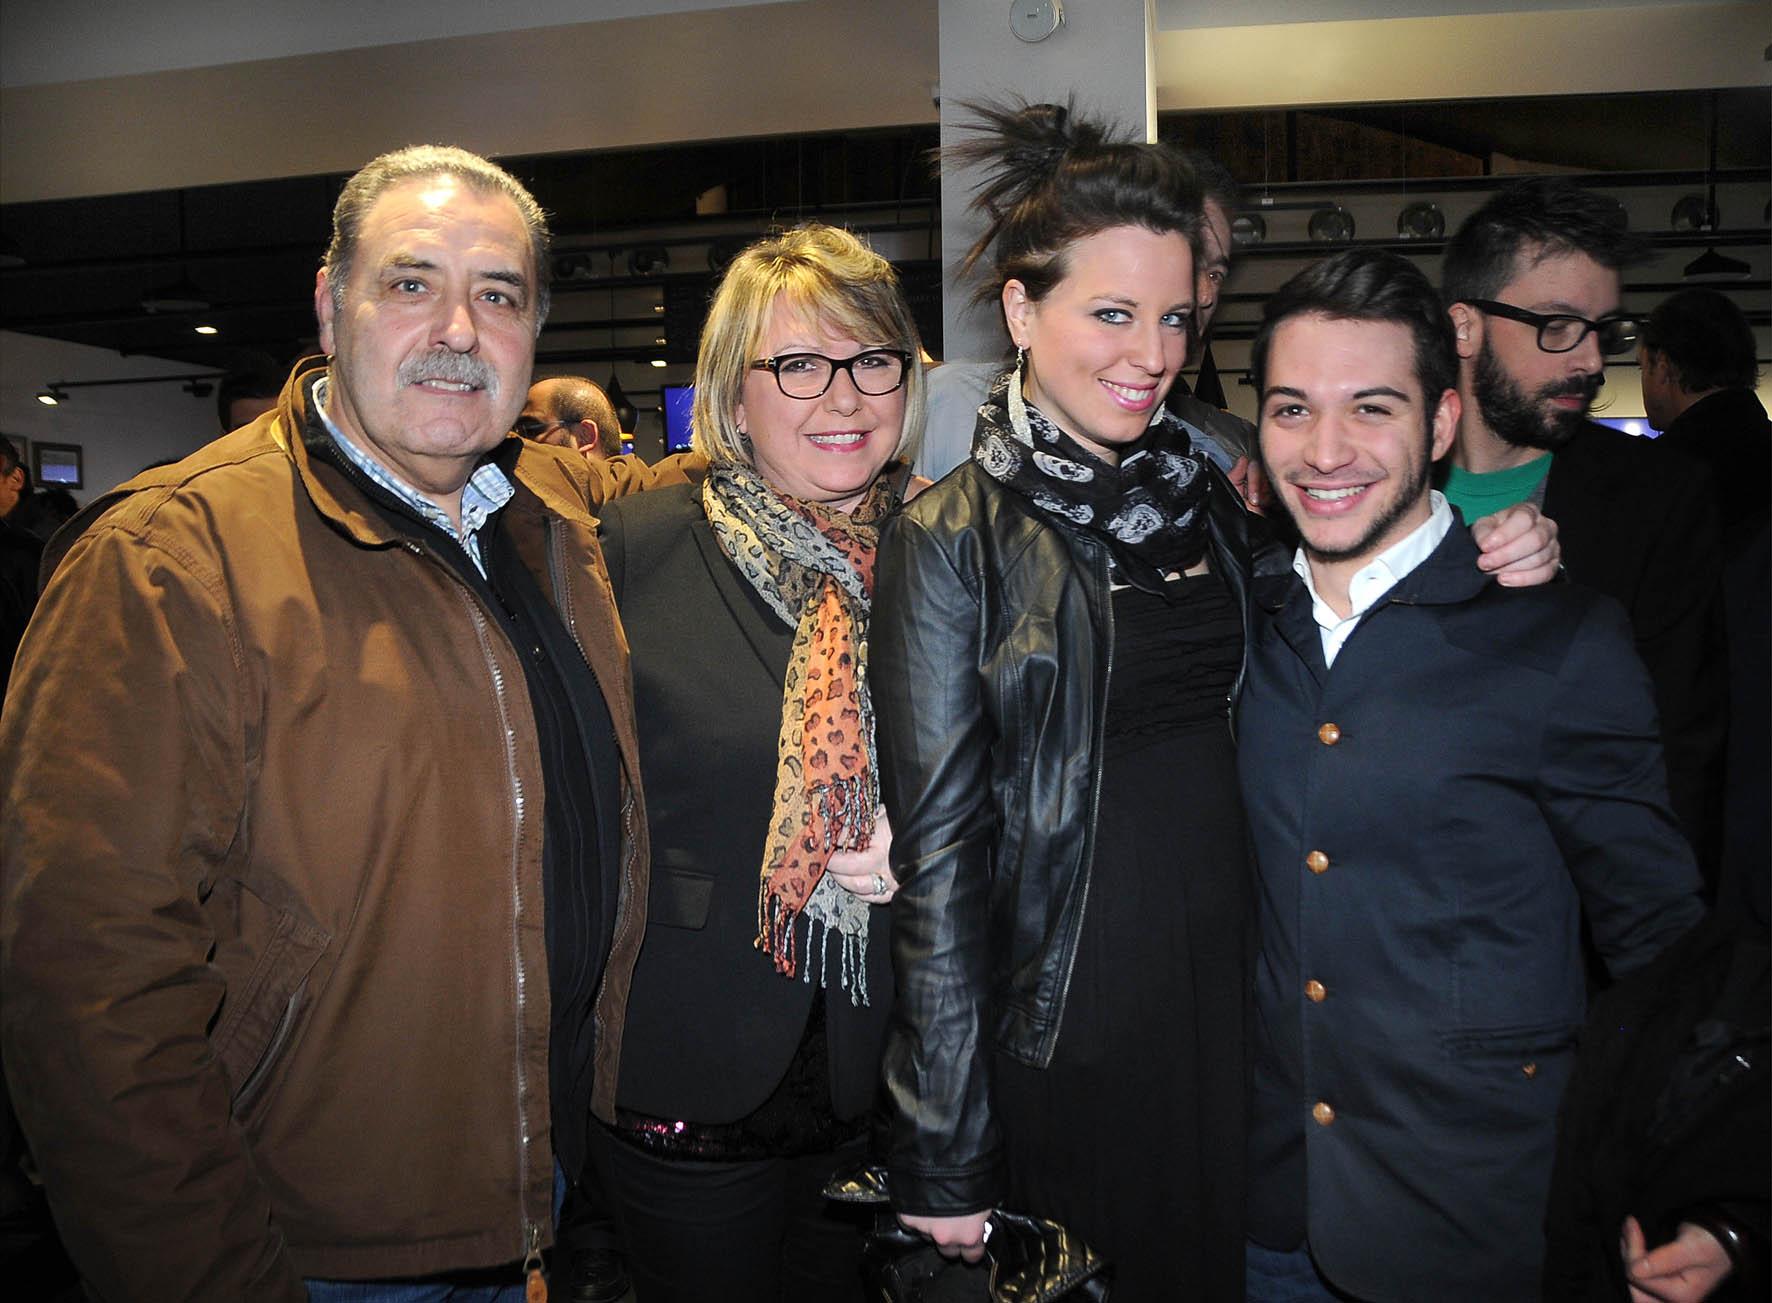 PRESSPHOTO  INAUGURAZIONE DI  SISAL  WINCITY-NELLA FOTO, STEFANO ARNOLDO CON FIORELLA, ALESSIA E GIUSEPPE.-  Foto Umberto Visintini/New Press Photo